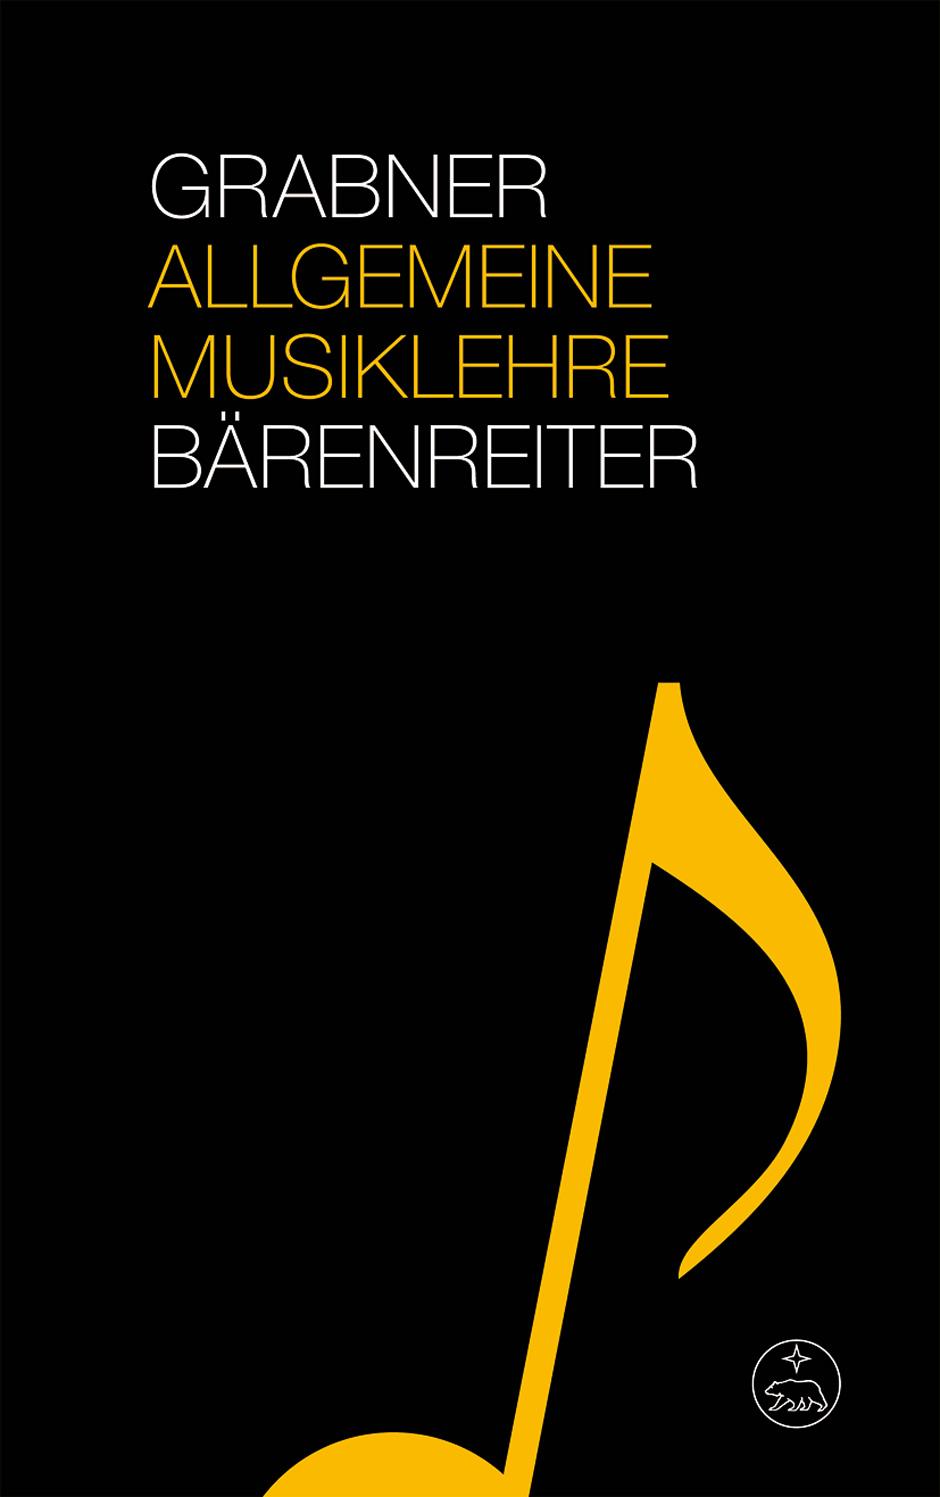 Allgemeine Musiklehre - Hermann Grabner